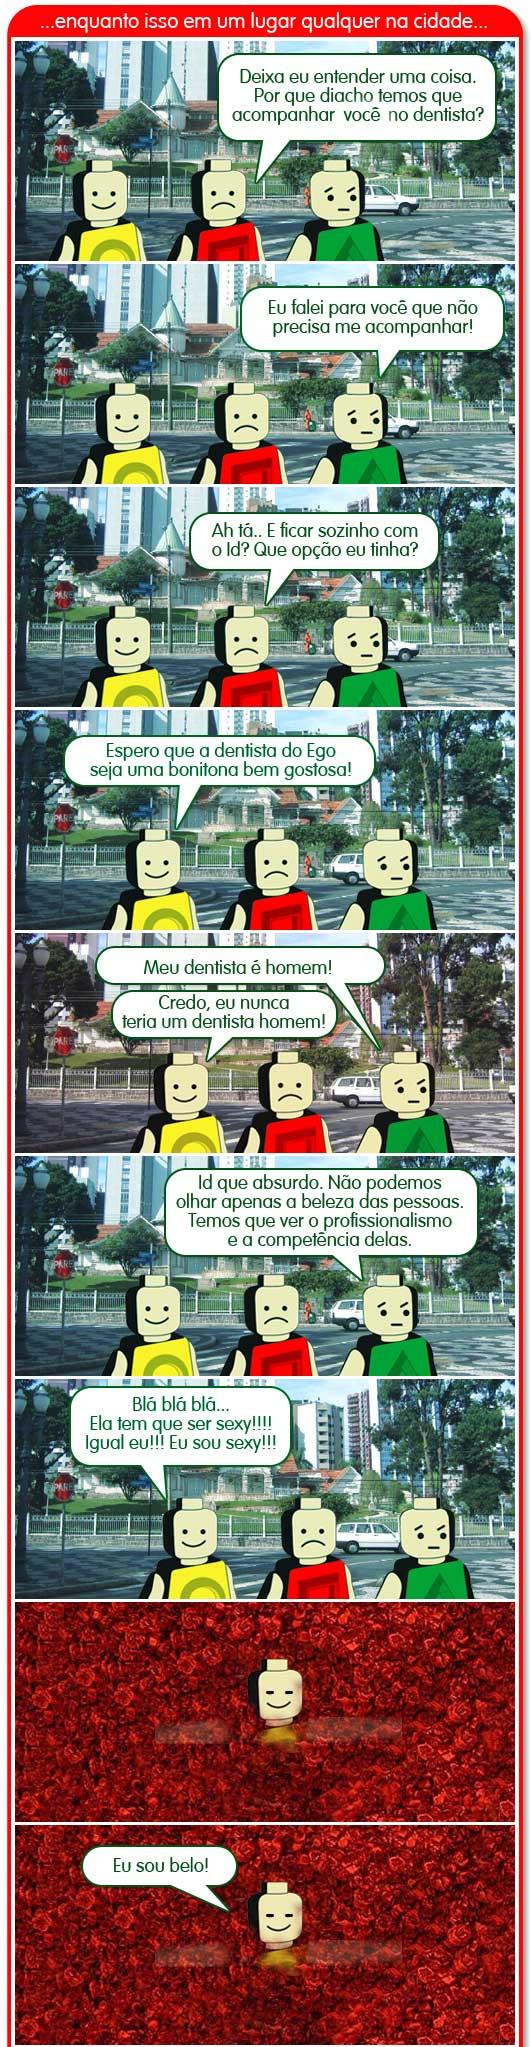 HSBC Beleza